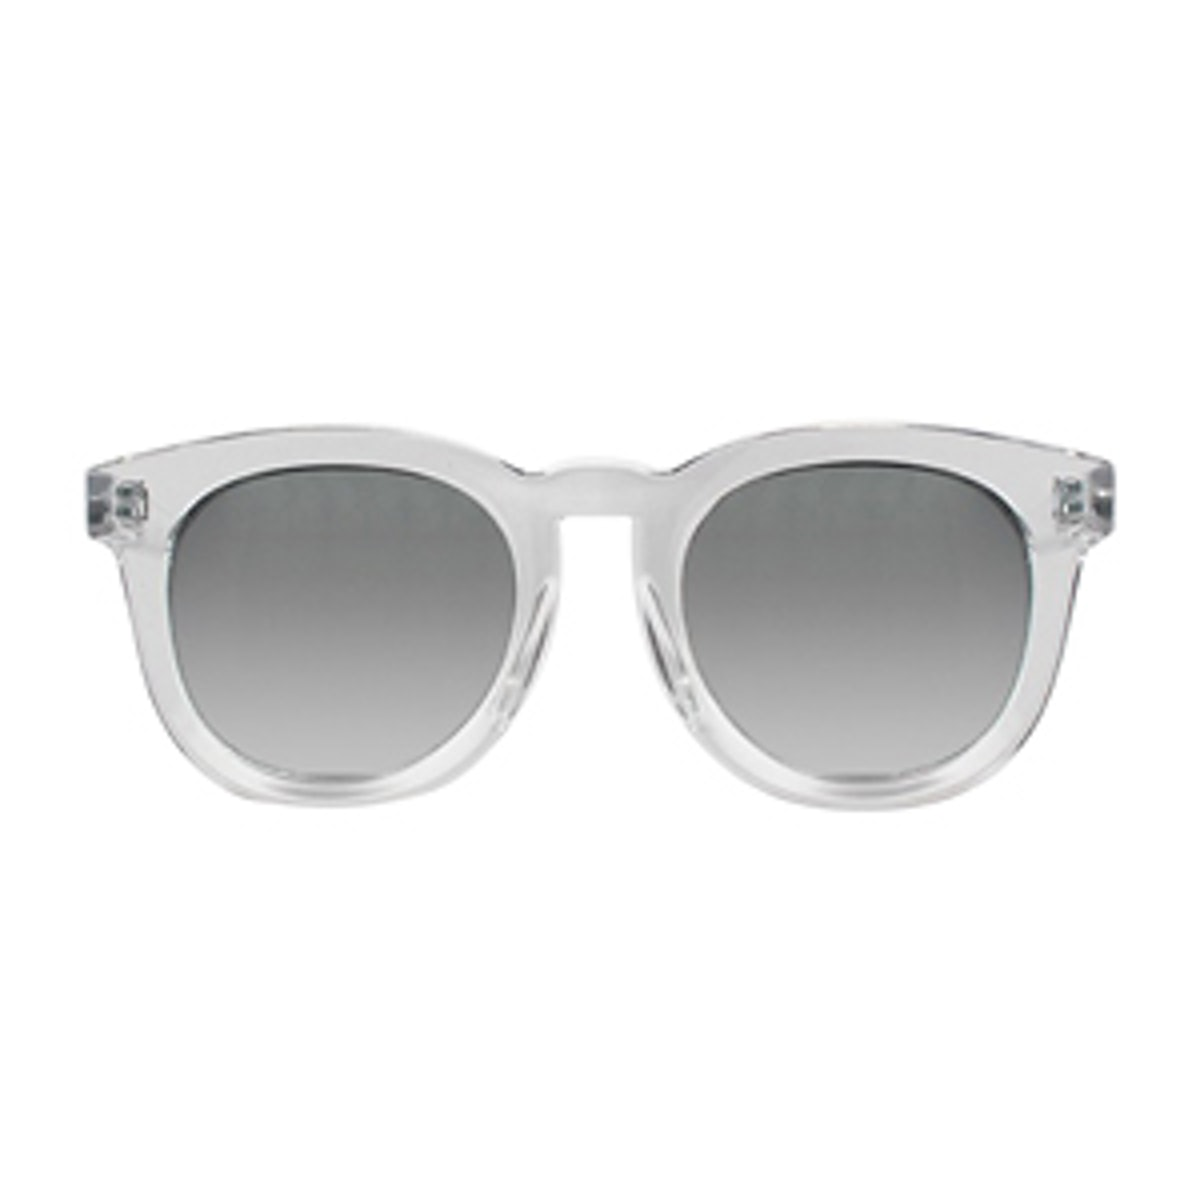 Breakfast Club Sunglasses